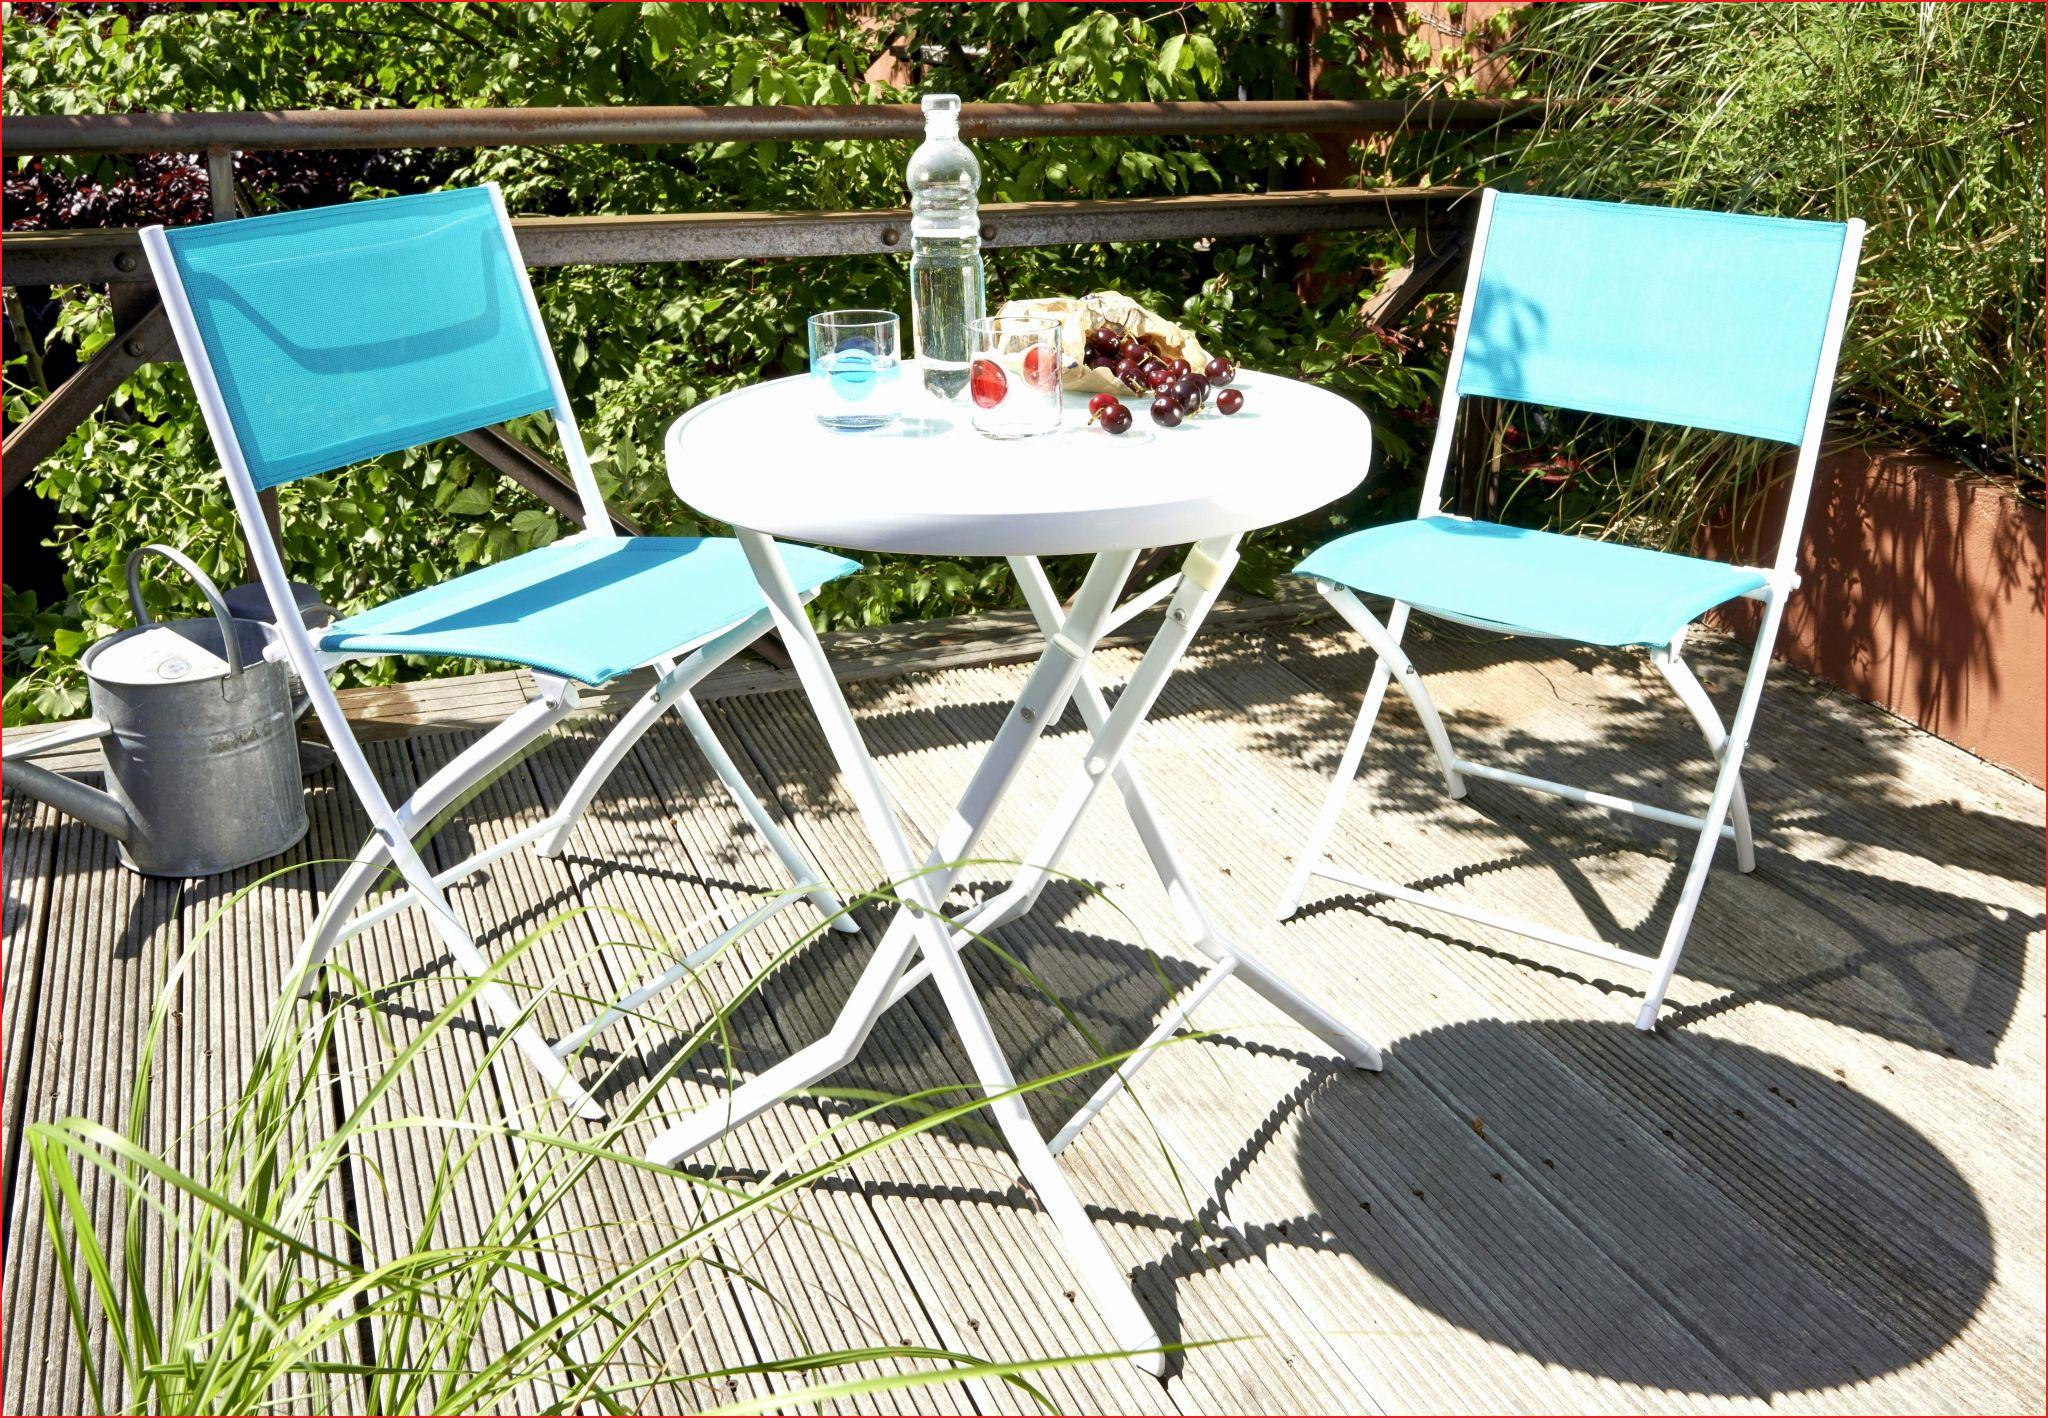 36 Luxe Allibert Mobilier De Jardin | Salon Jardin intérieur Salons De Jardin Soldes